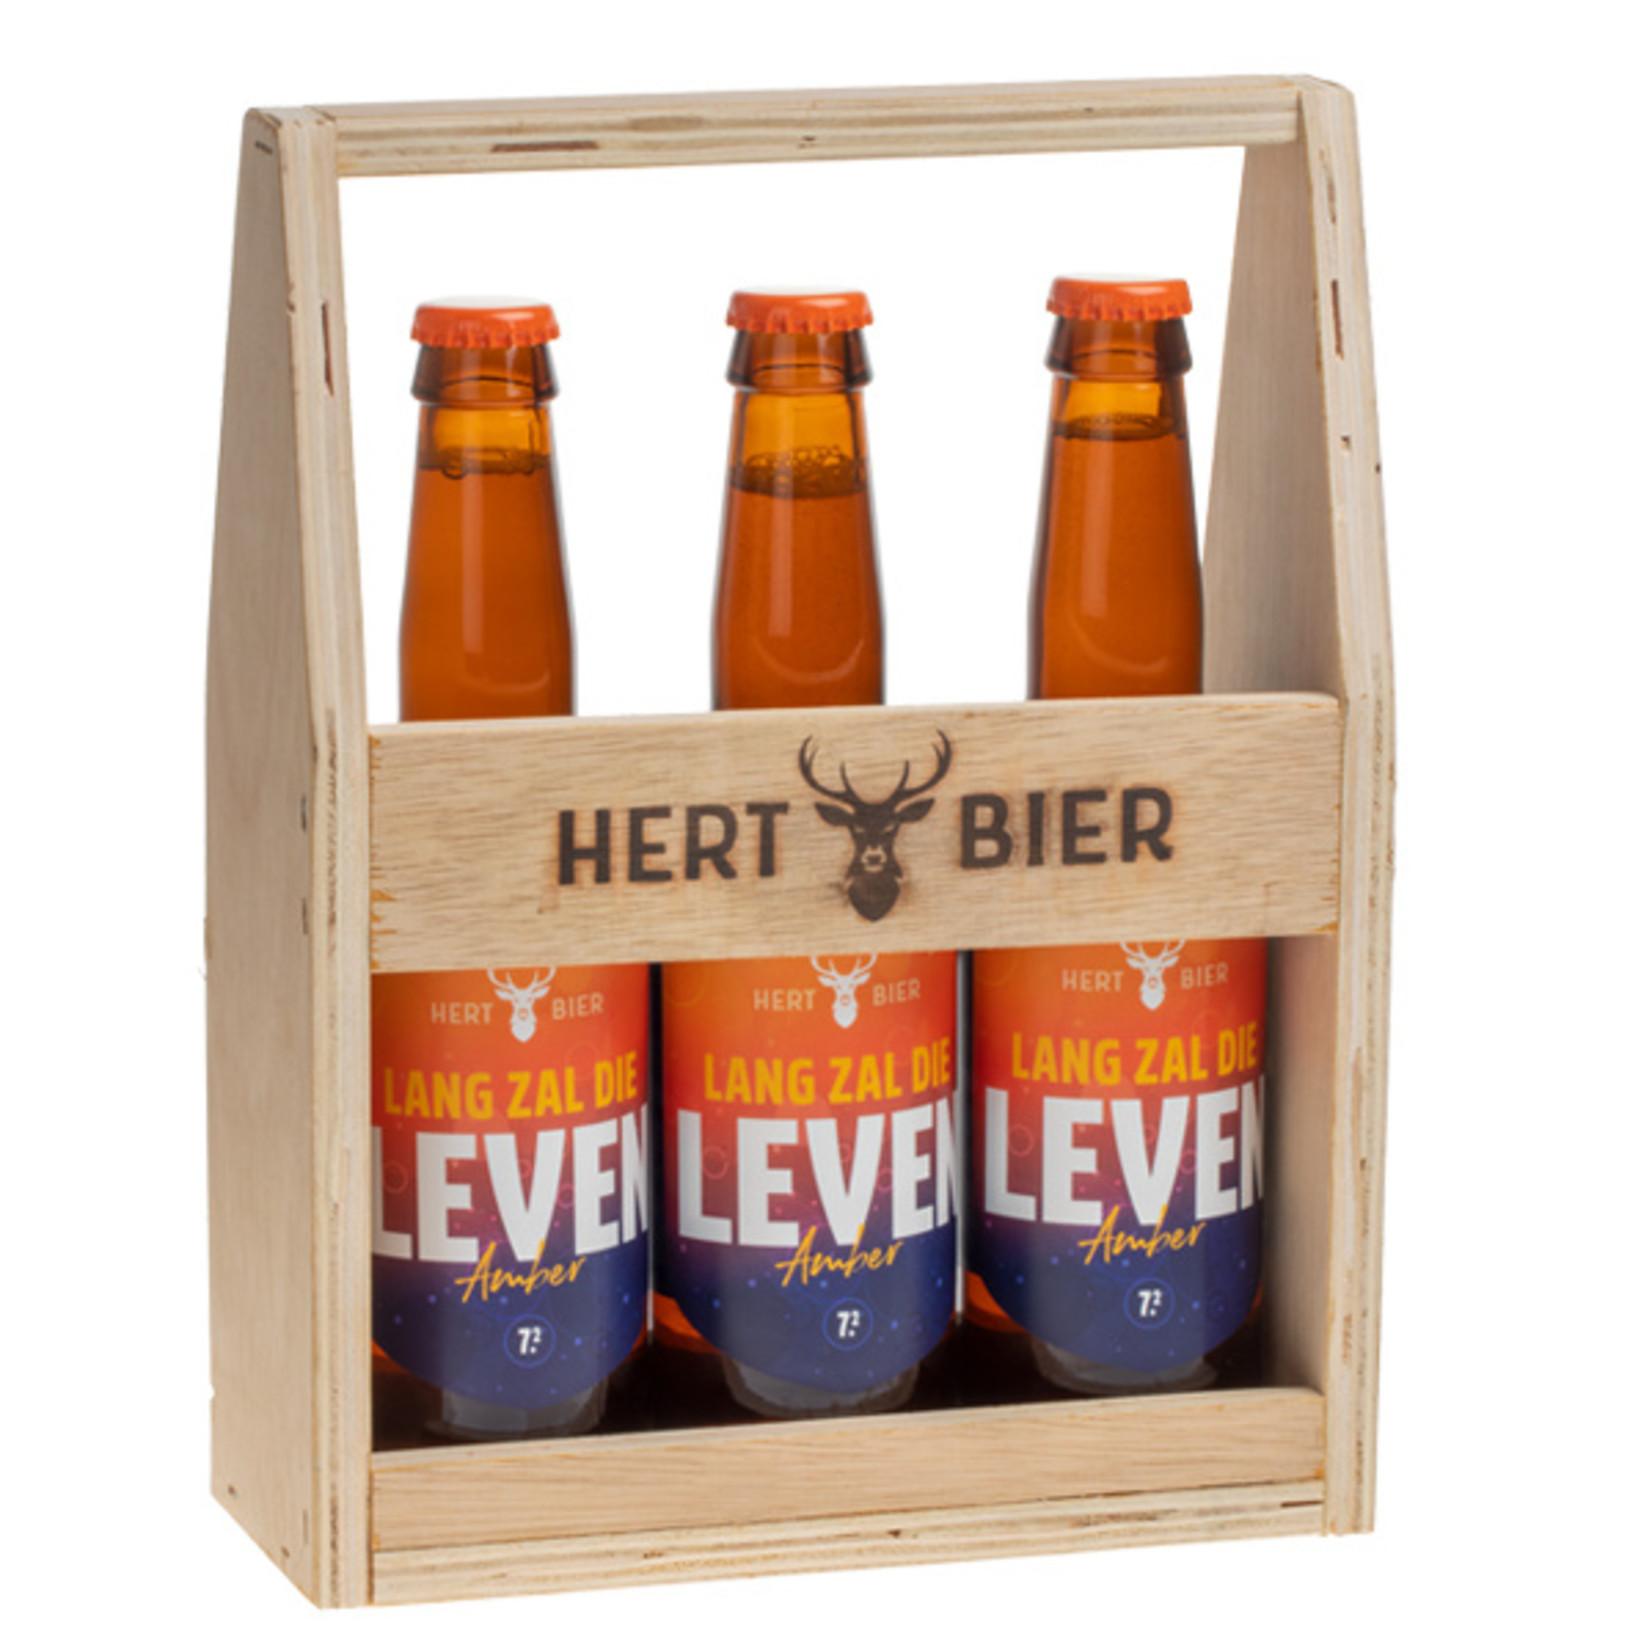 Hert Bier Bierkrat met 3x Lang Zal Die Leven